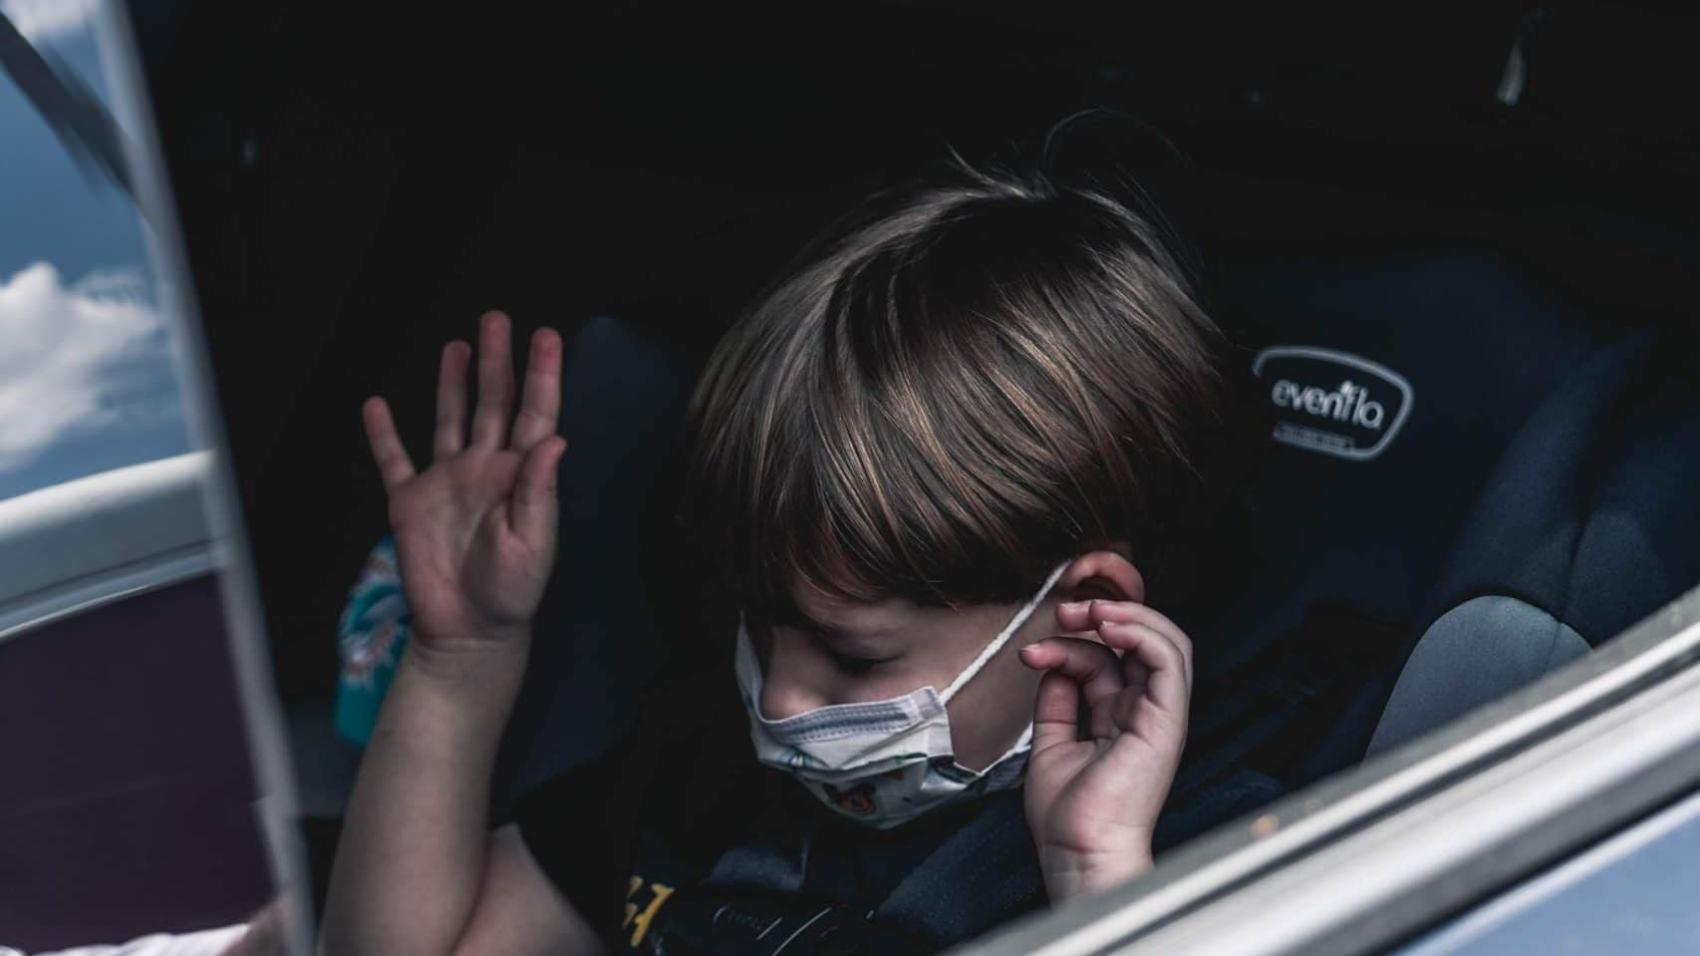 Sensory Overload Prepare Your Car for Sensitive Children